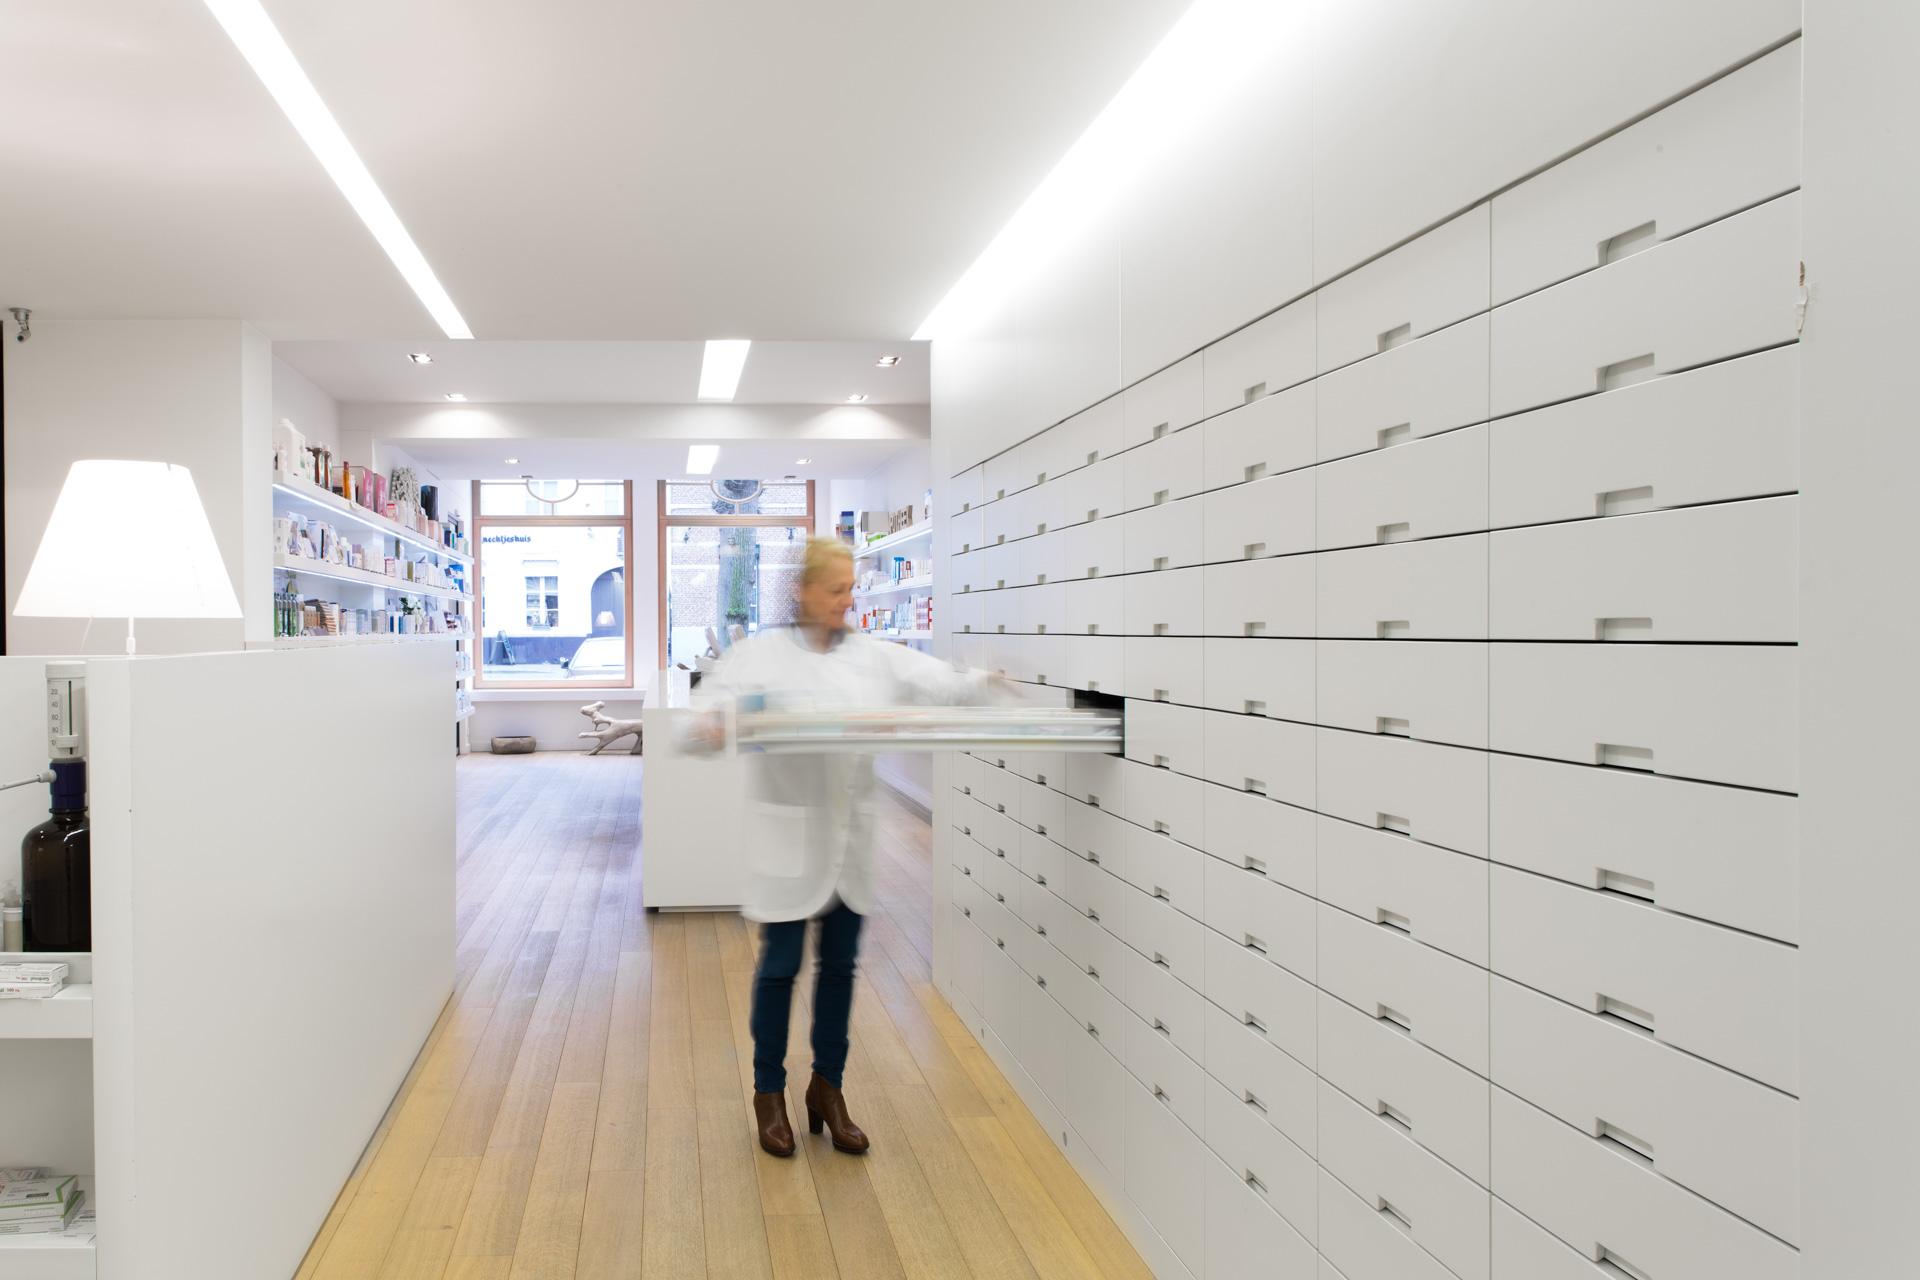 Hoogstraten | Interieur van apotheek, vrouw trekt schuif open